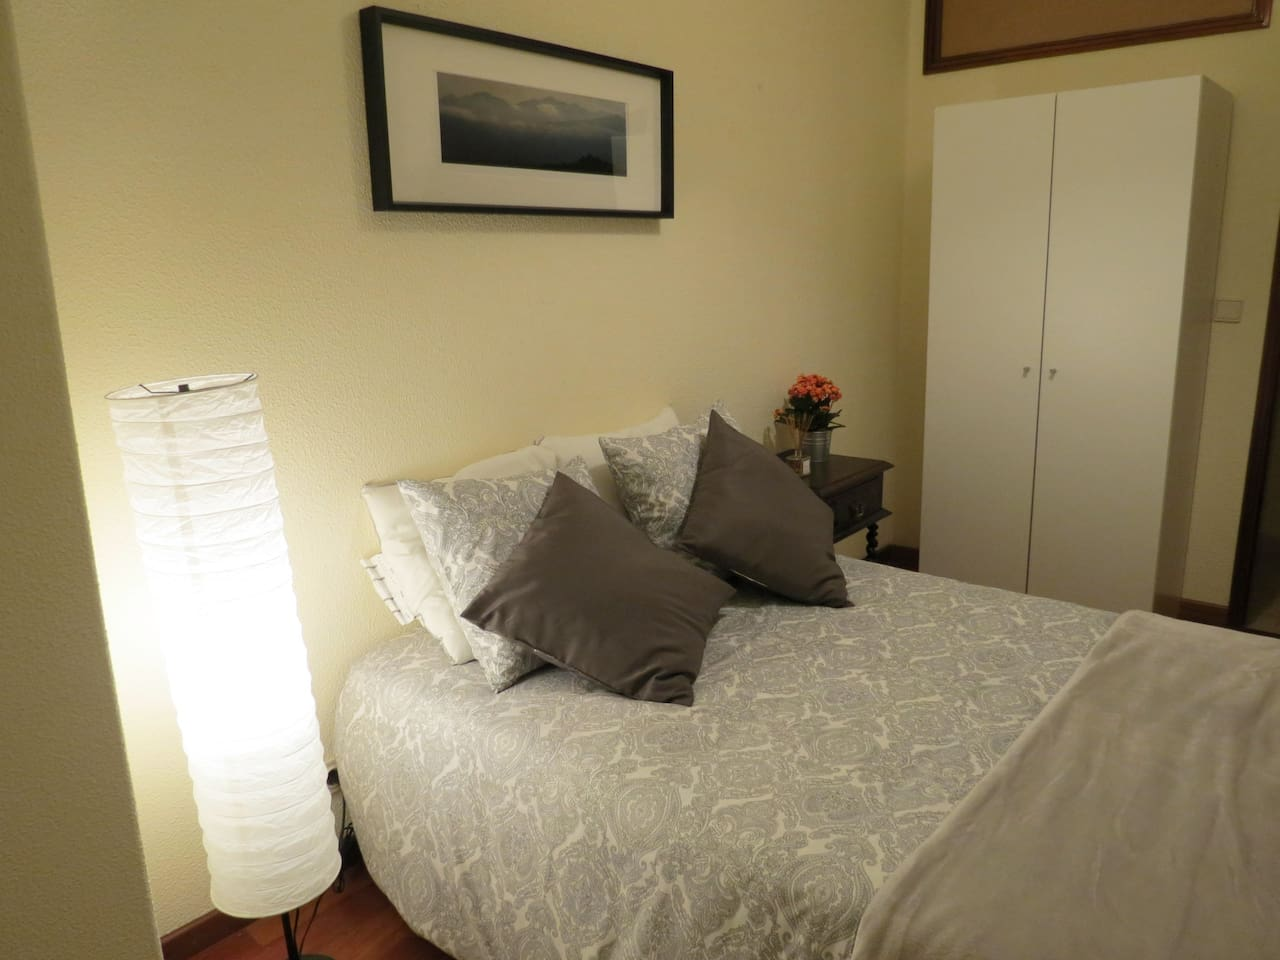 Quarto com cama de casal e arrumo/armário